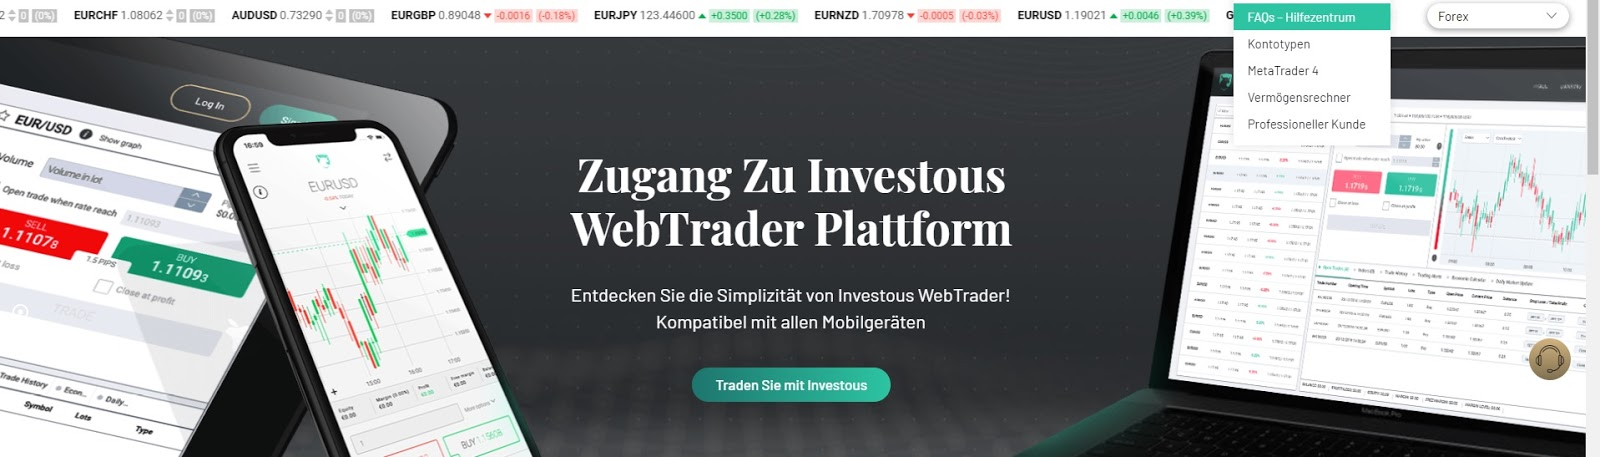 Plataforma WebTrader invertida